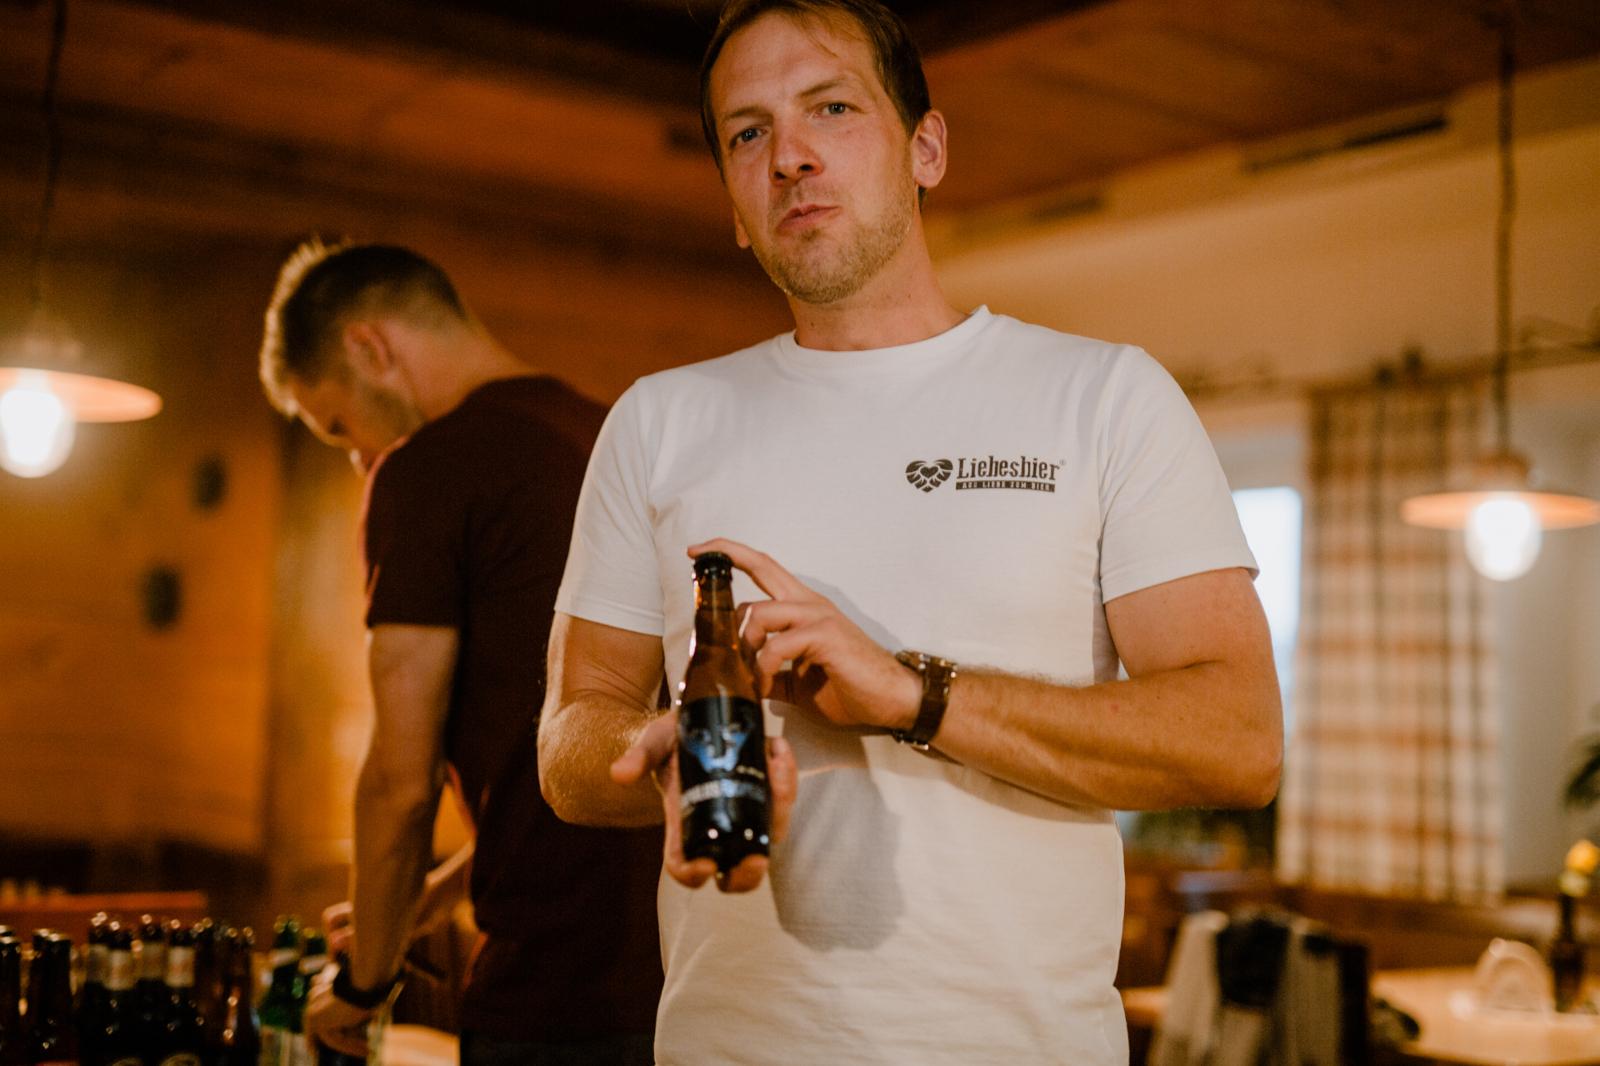 https://www.bier-ok.at/wp-content/uploads/2020/07/biersorten-kennenernen-salzburg-brauerei.jpg